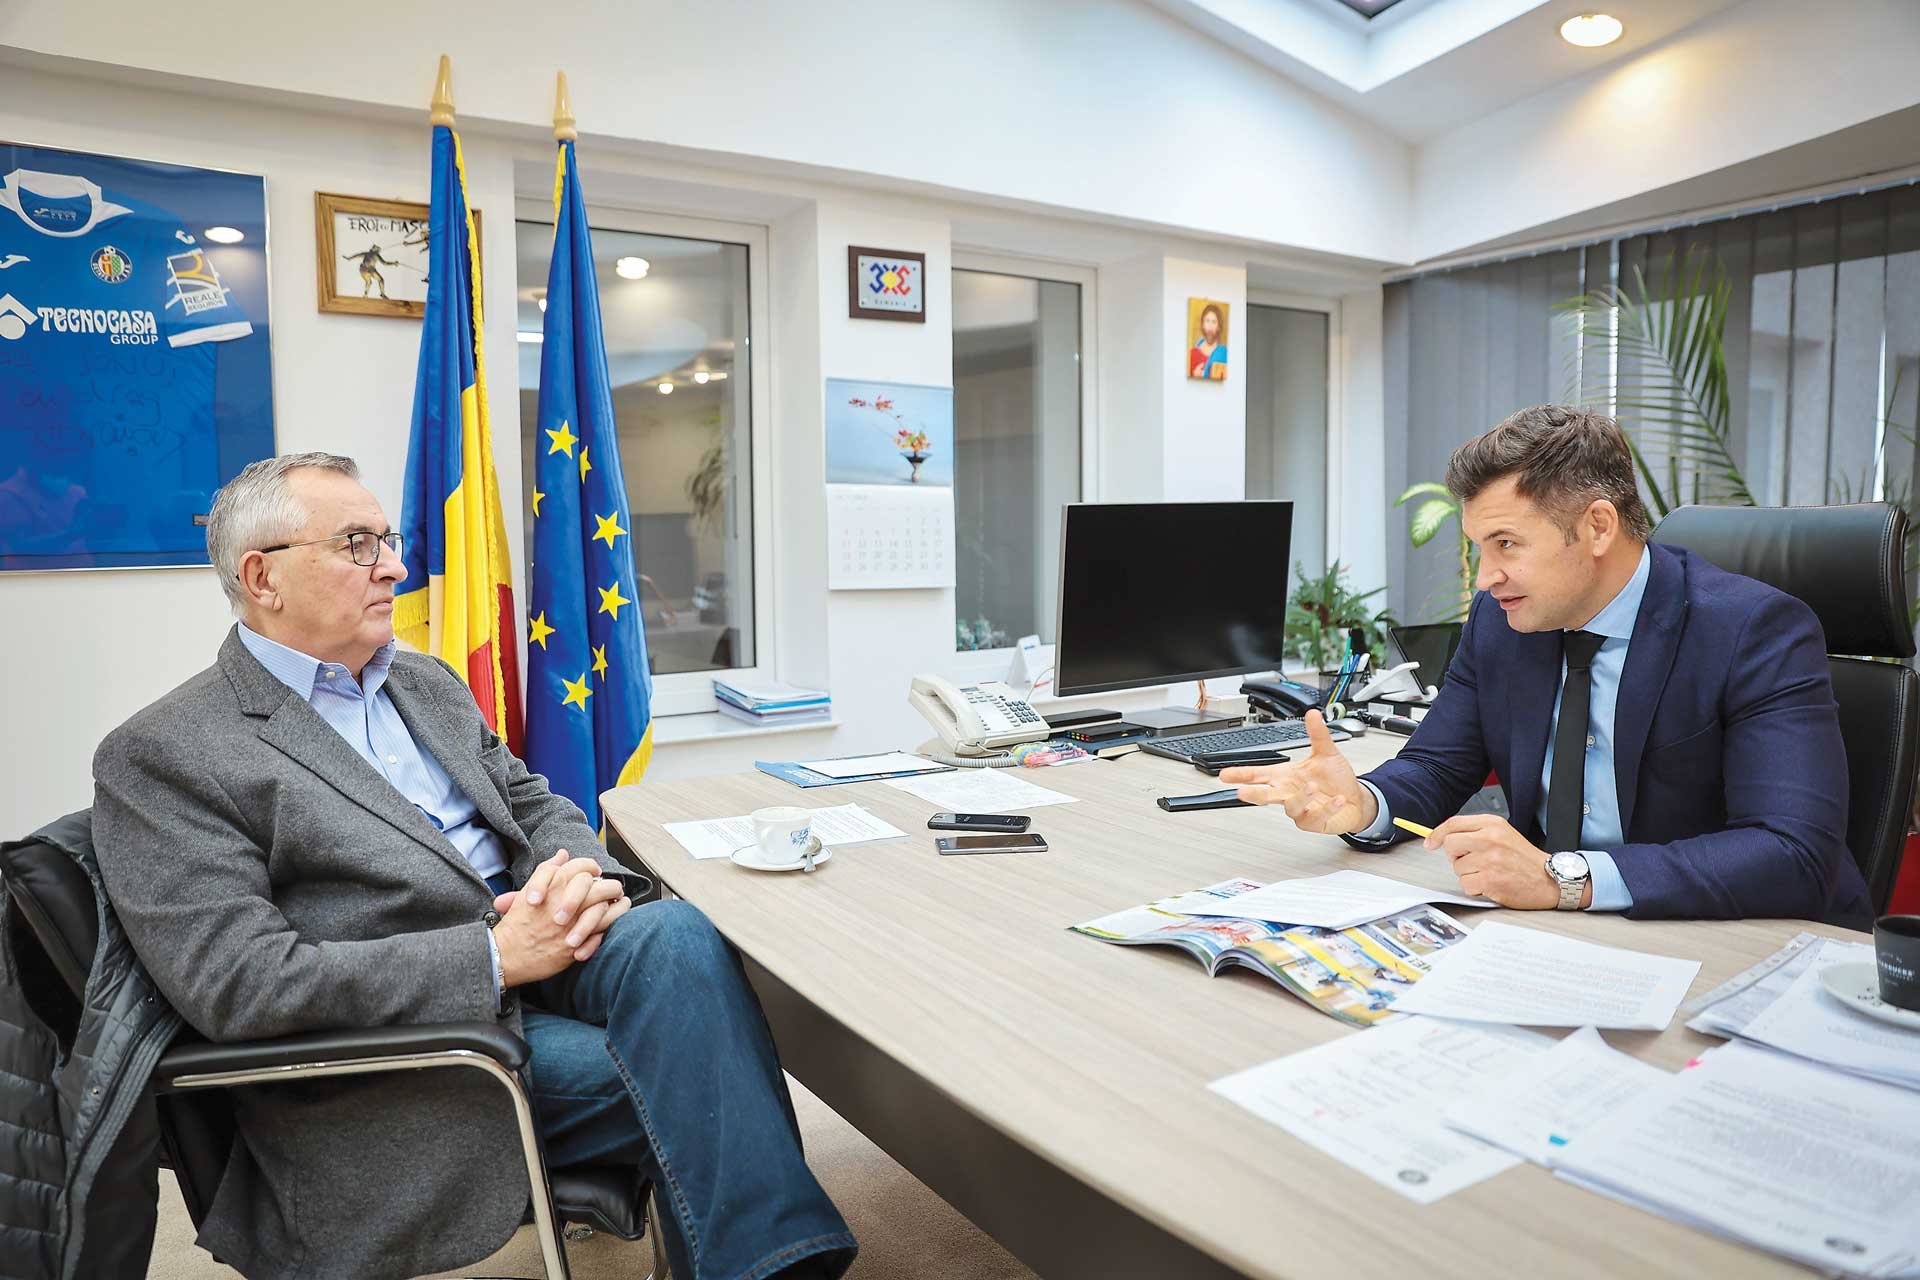 Interviu cu Ionuț-Marian Stroe, ministrul Tineretului și Sportului